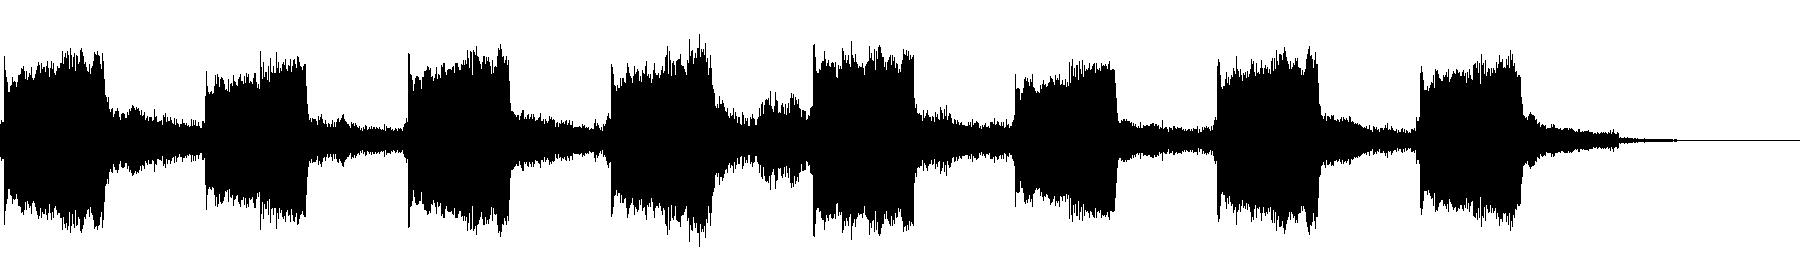 sub urban melody